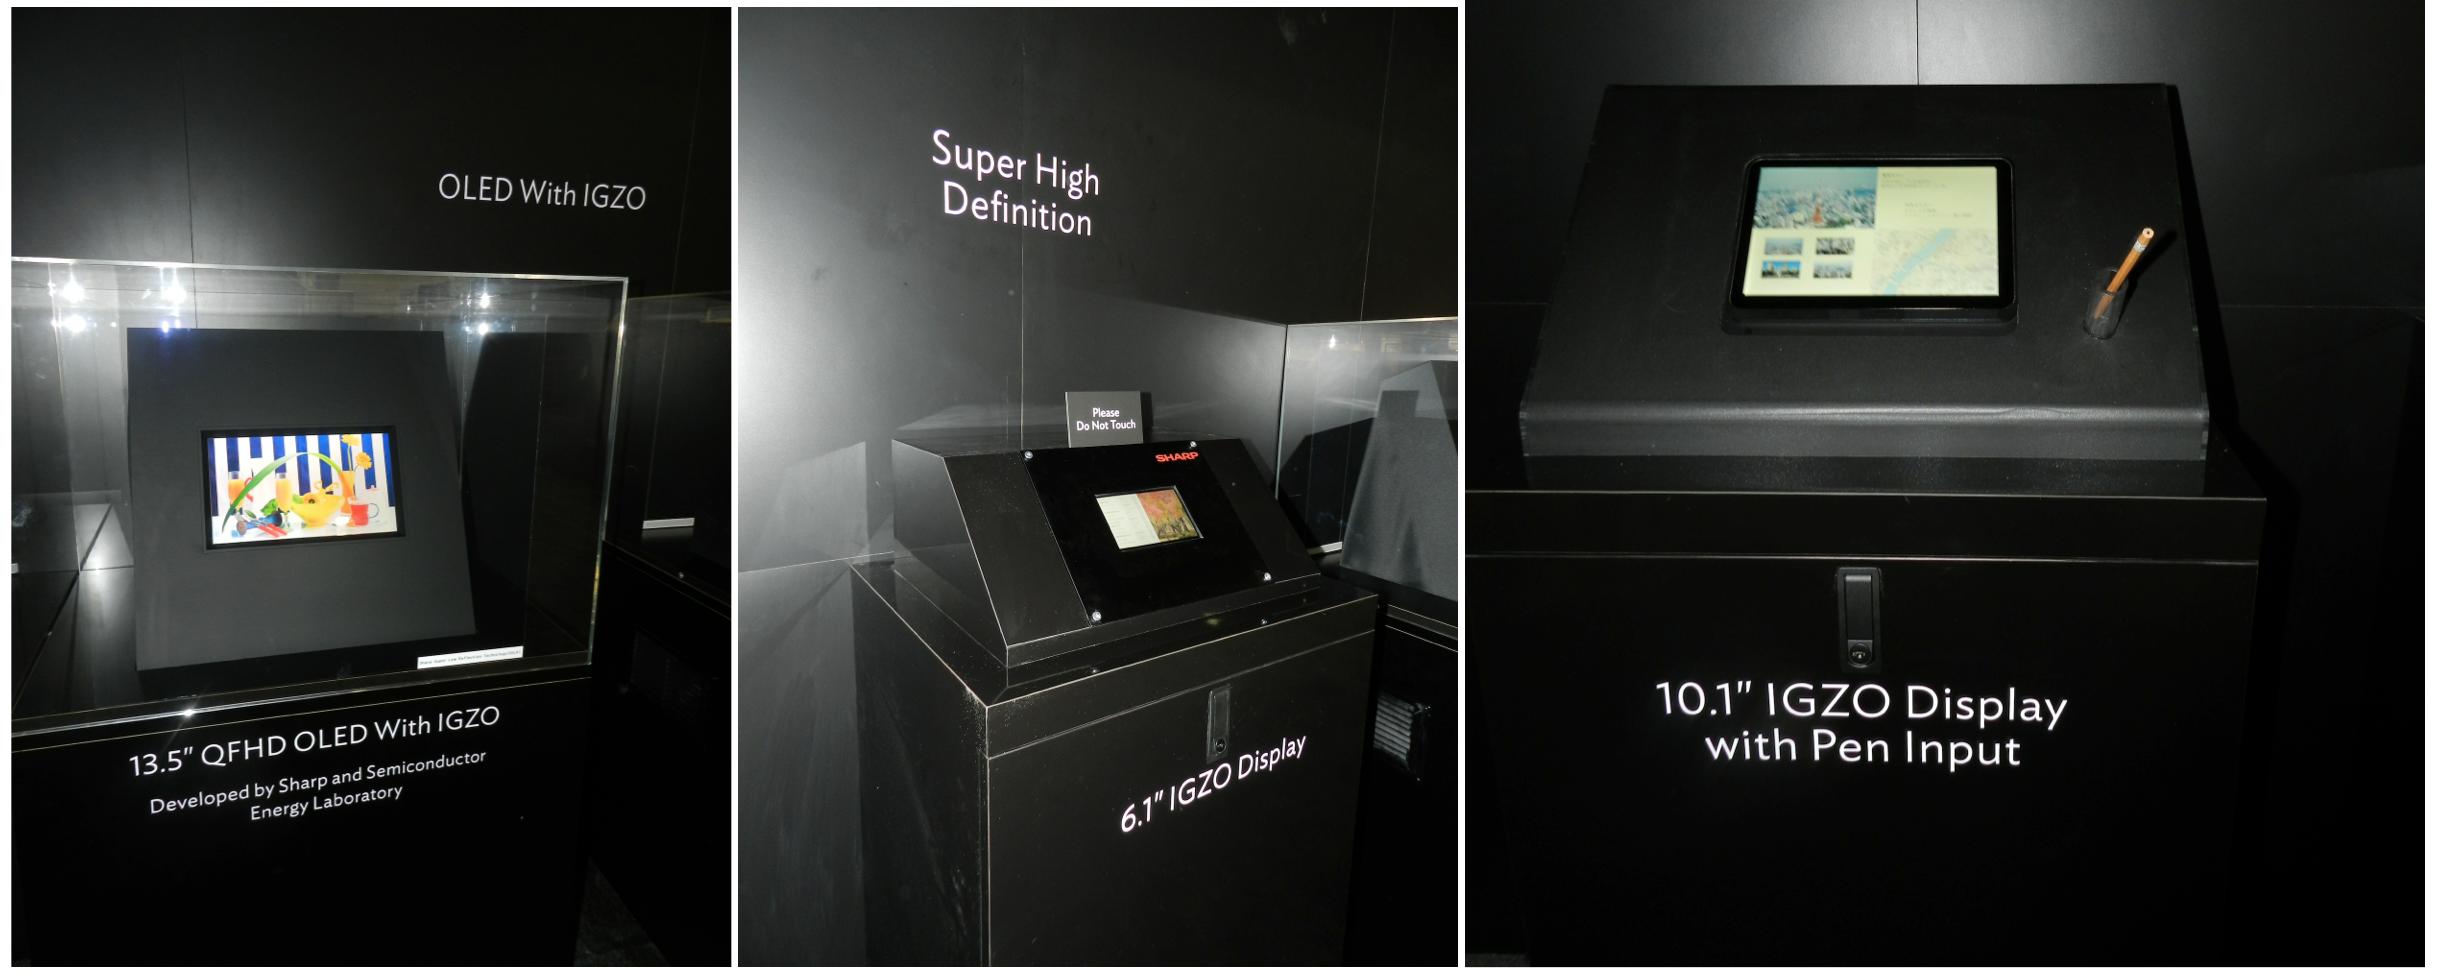 Sharp-IGZO-Displays-CES-2013